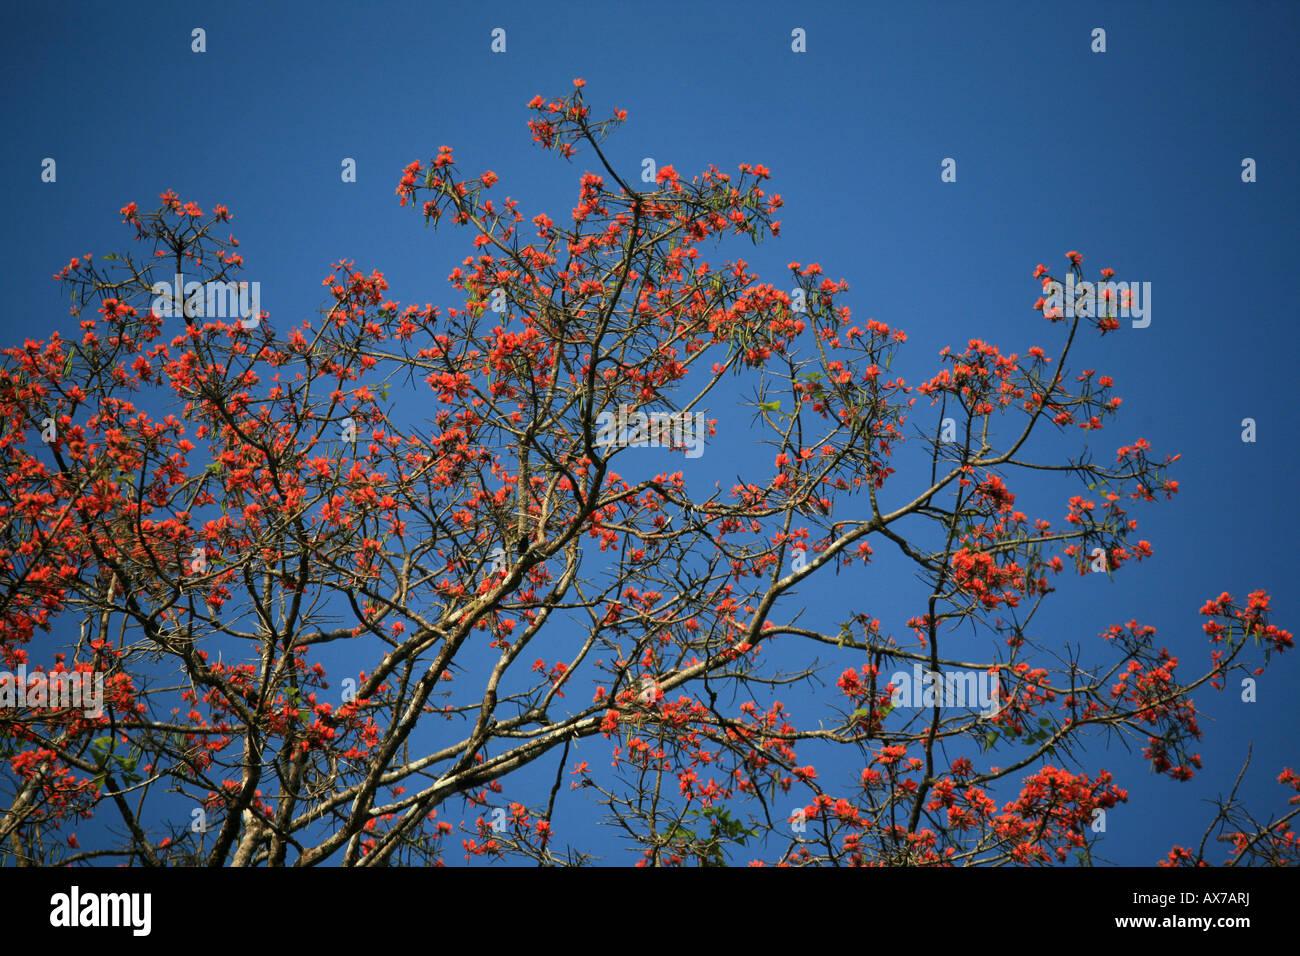 Fiori colorati su albero nel Parco Nazionale del Darién Repubblica di Panama Immagini Stock